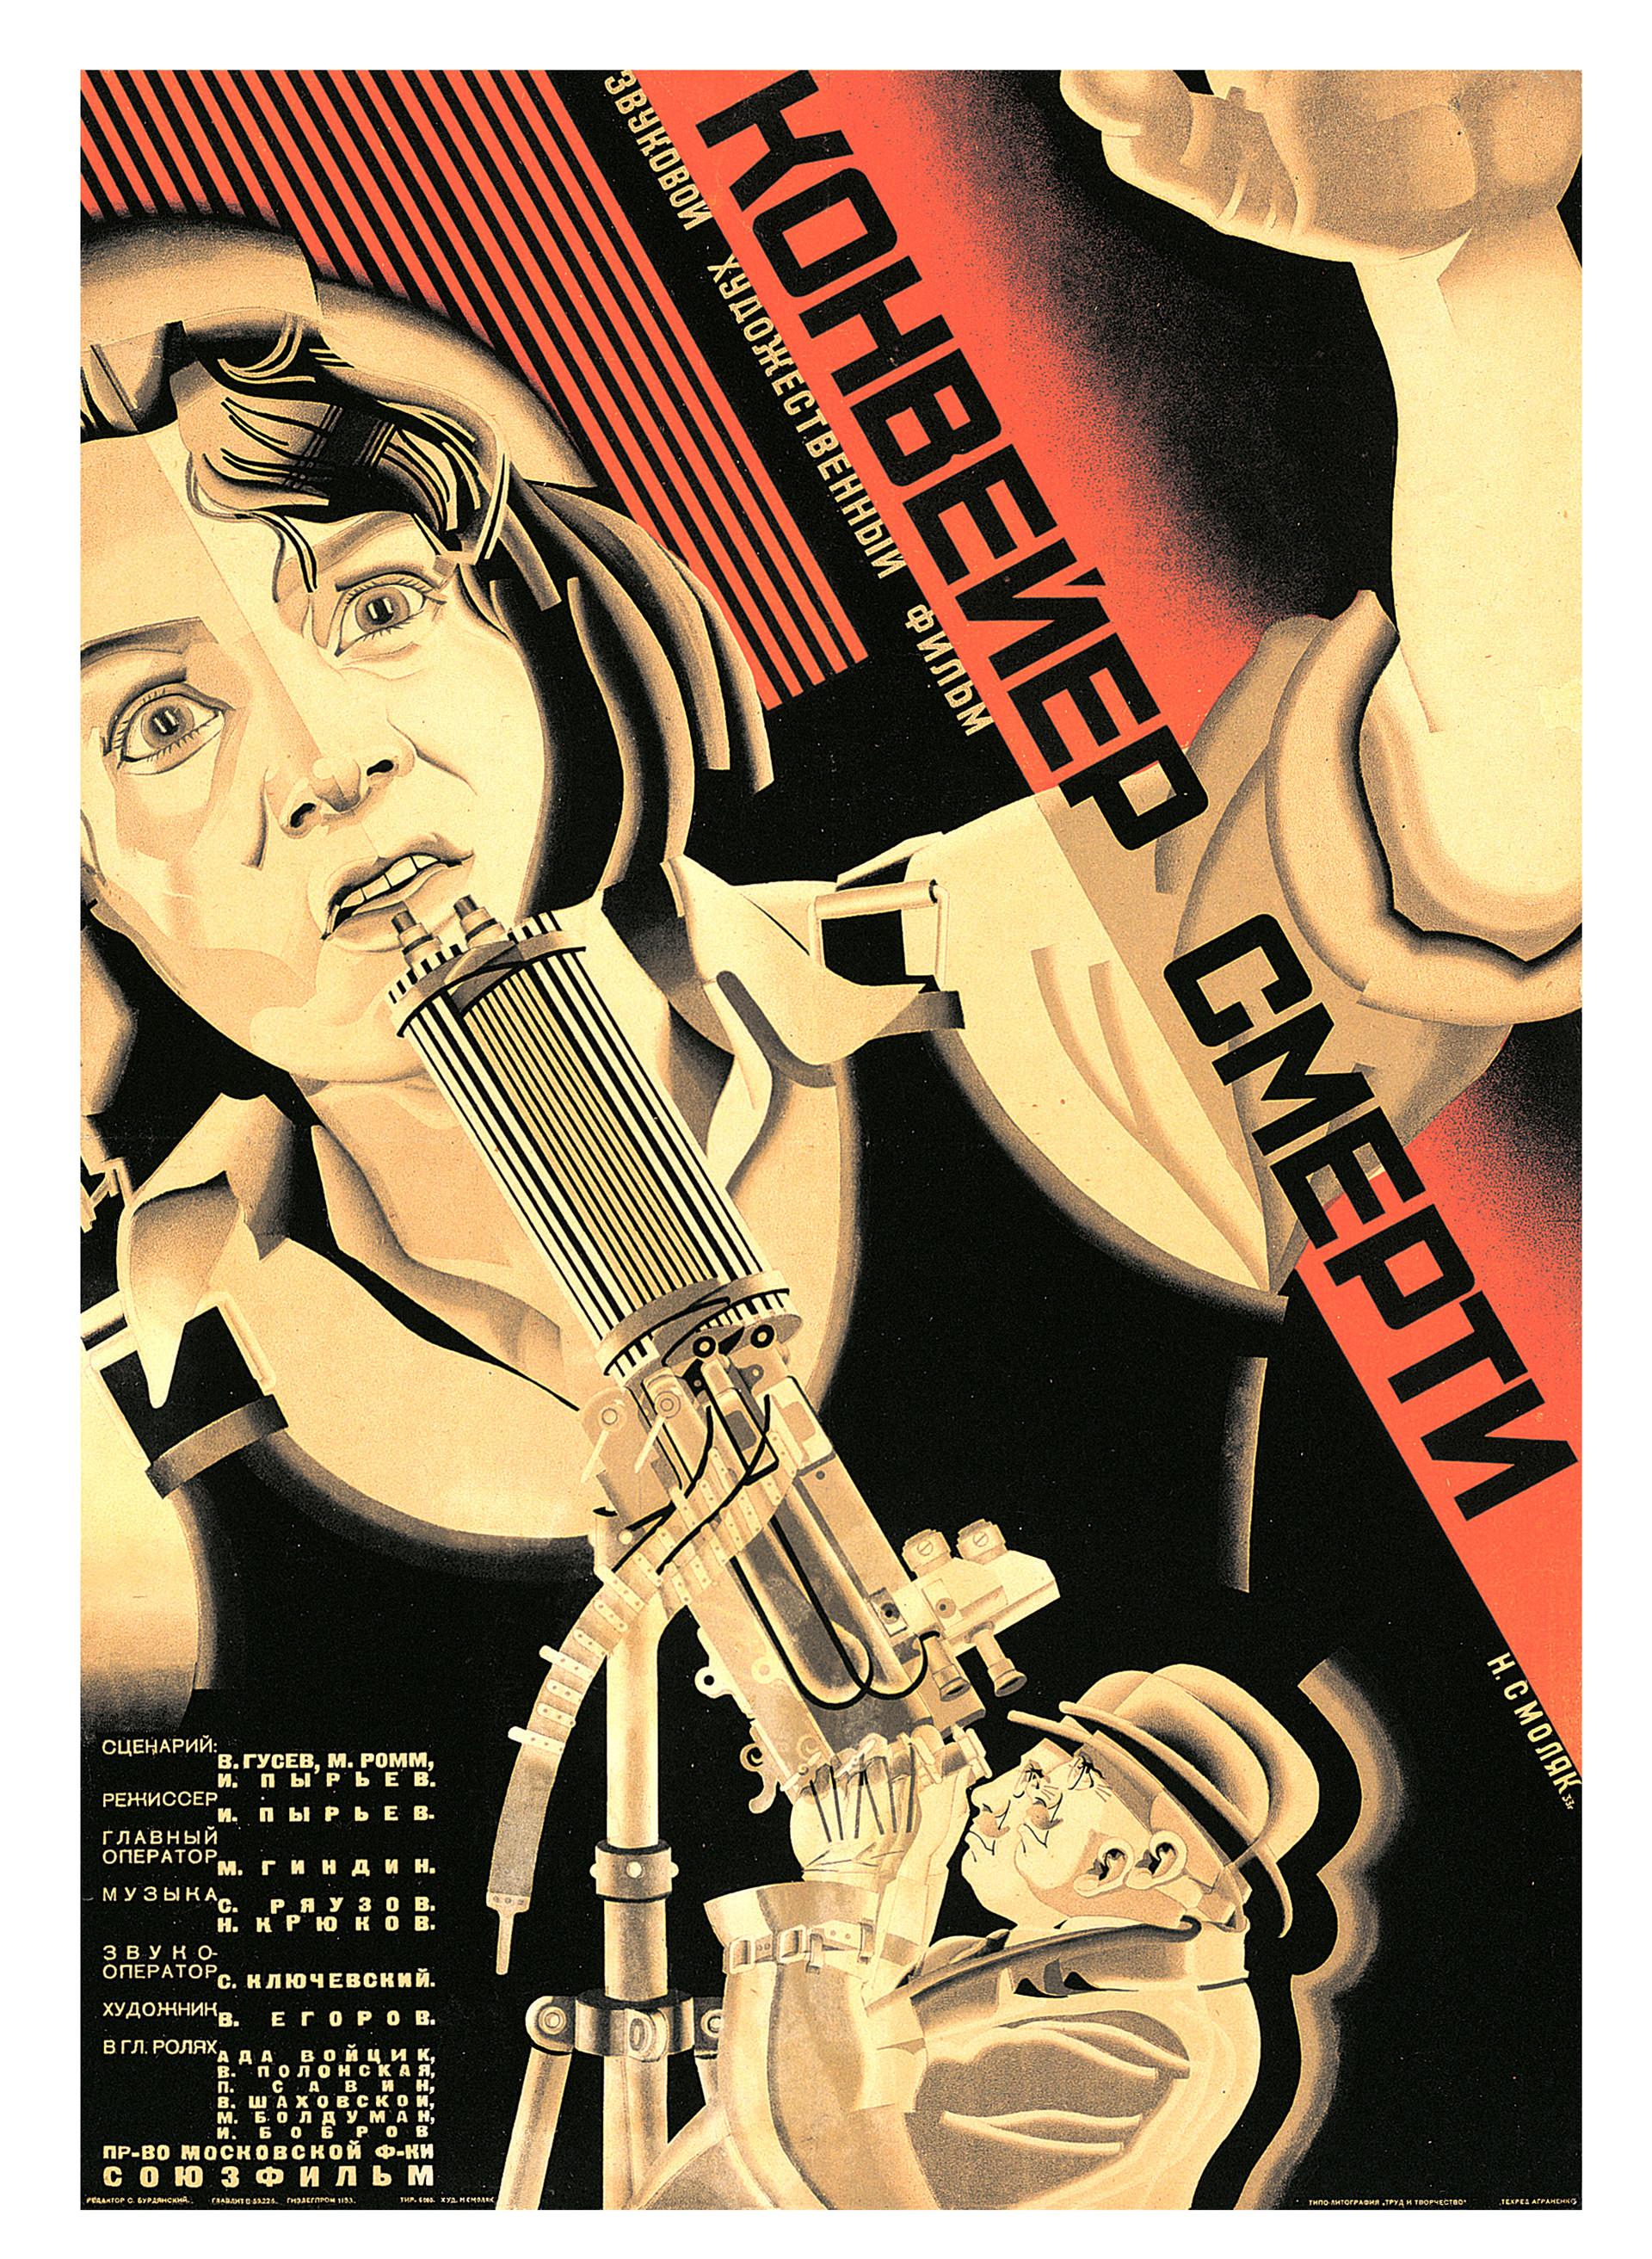 Smoliakovski, affiche pour Le convoyeur de la mort, 1933